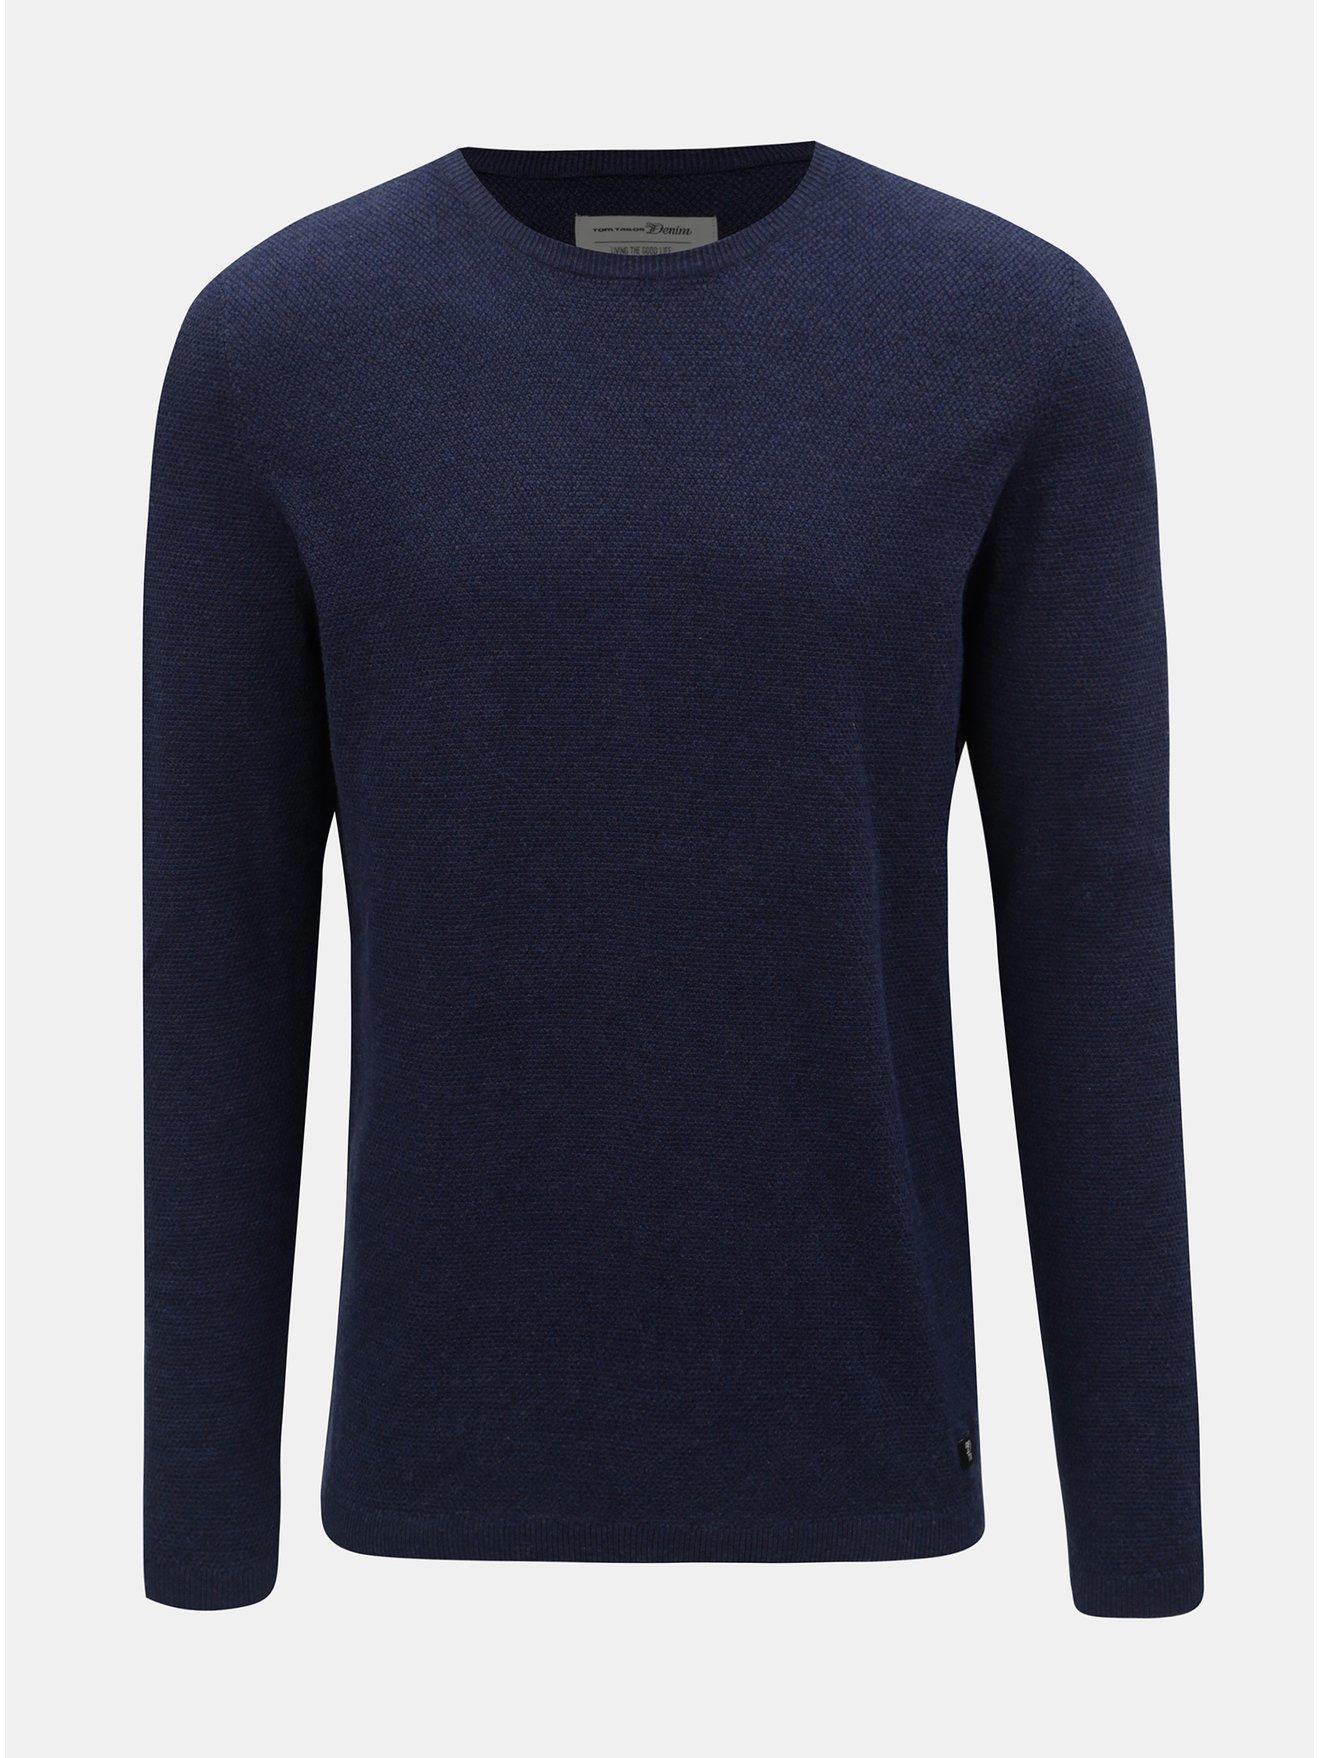 Tmavě modrý pánský lehký svetr Tom Tailor Denim